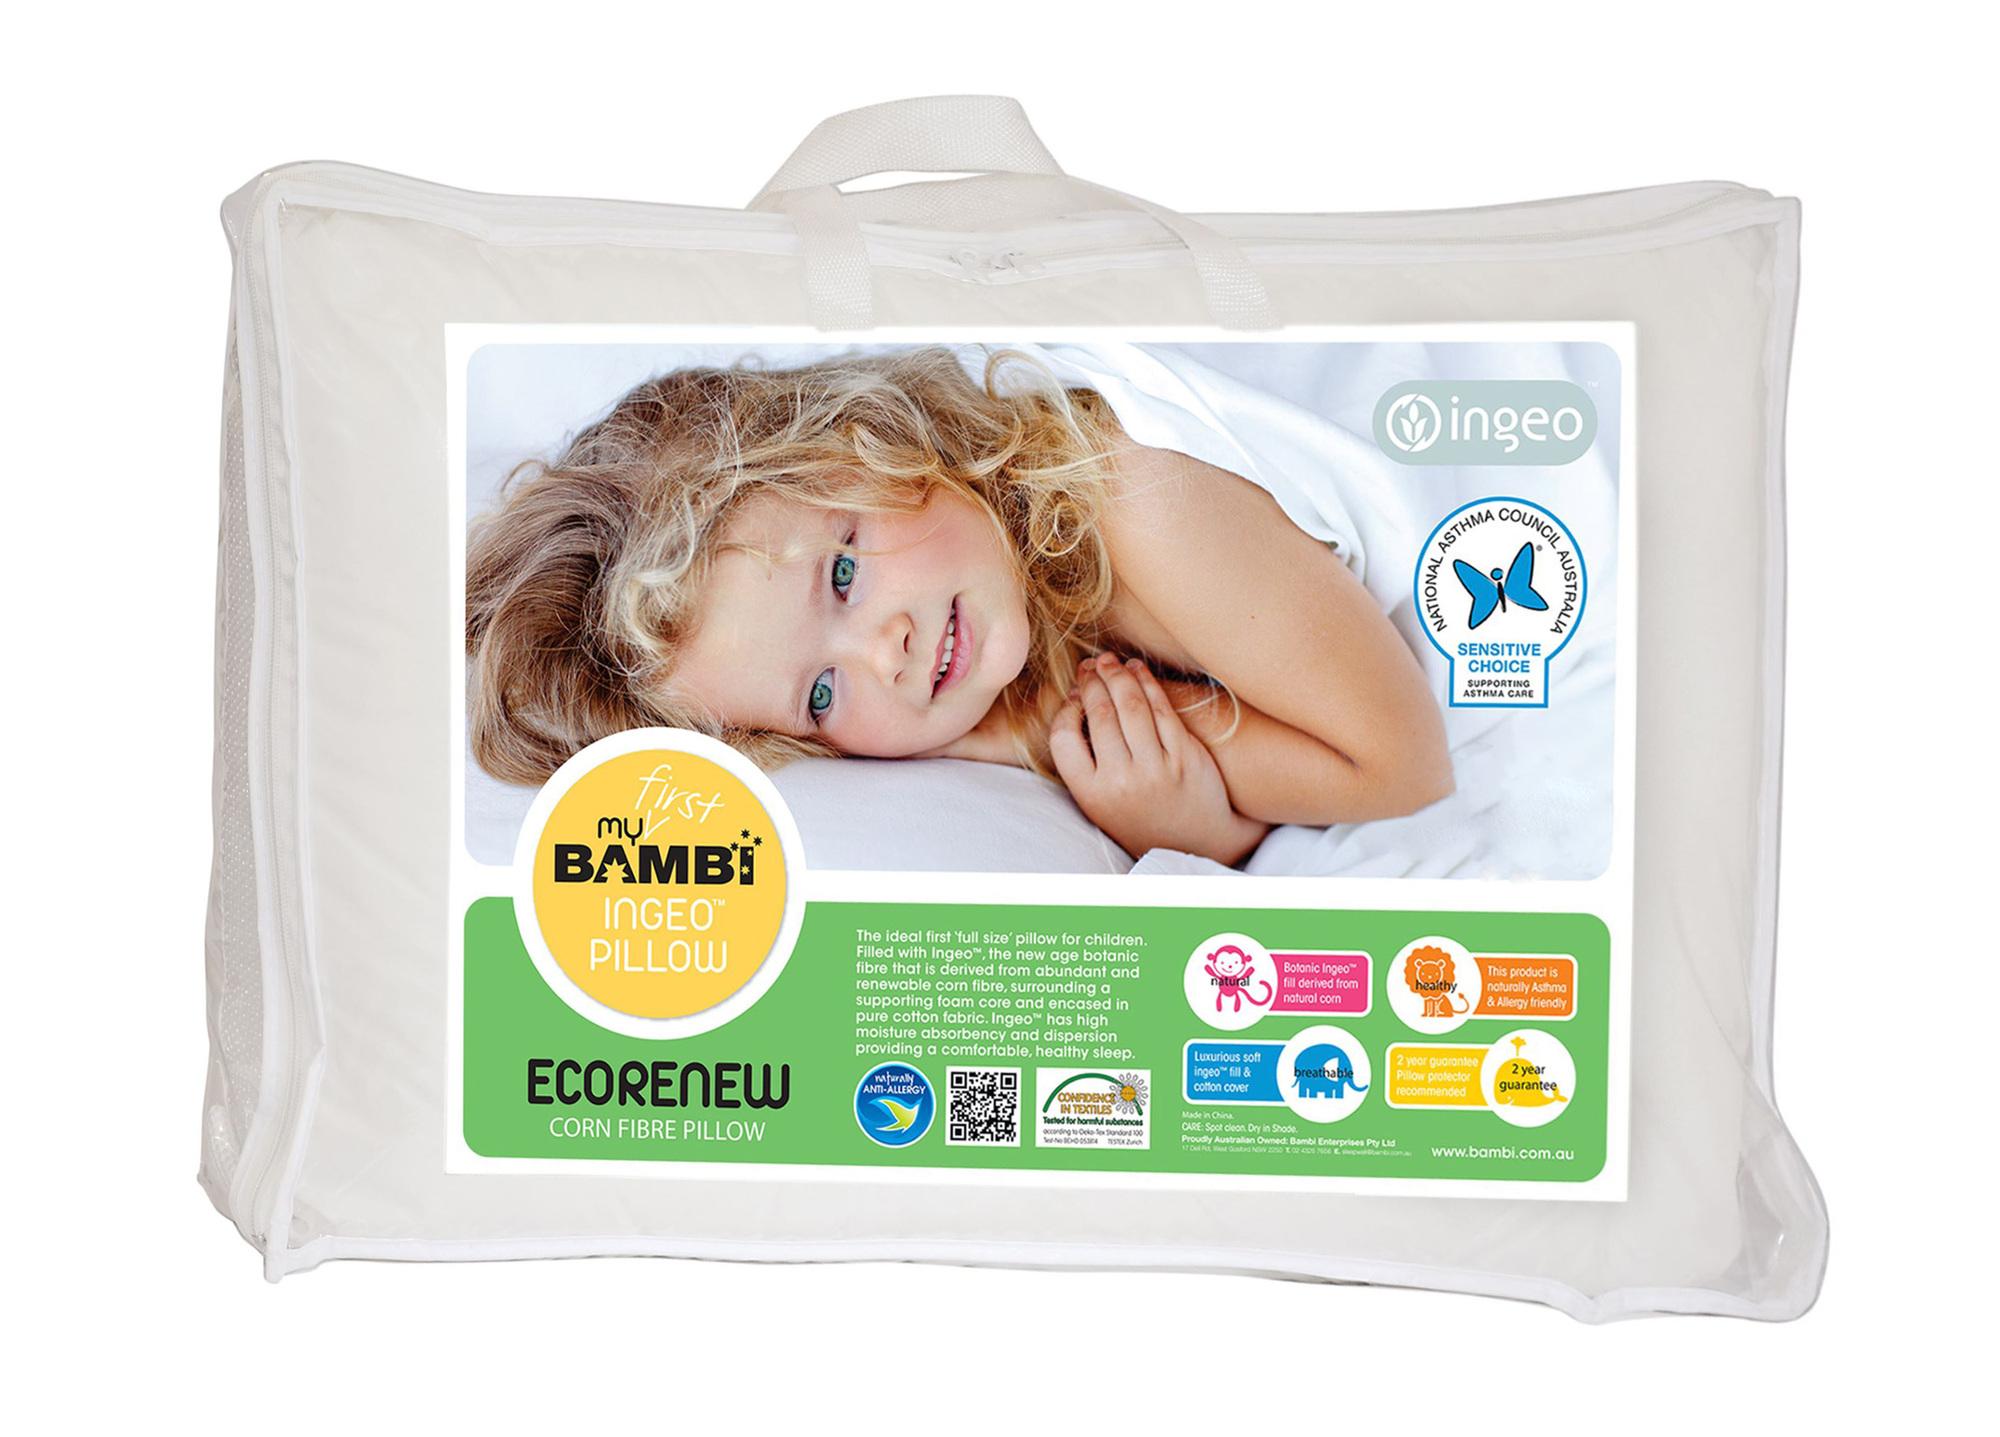 ingeo fibre toddler pillow